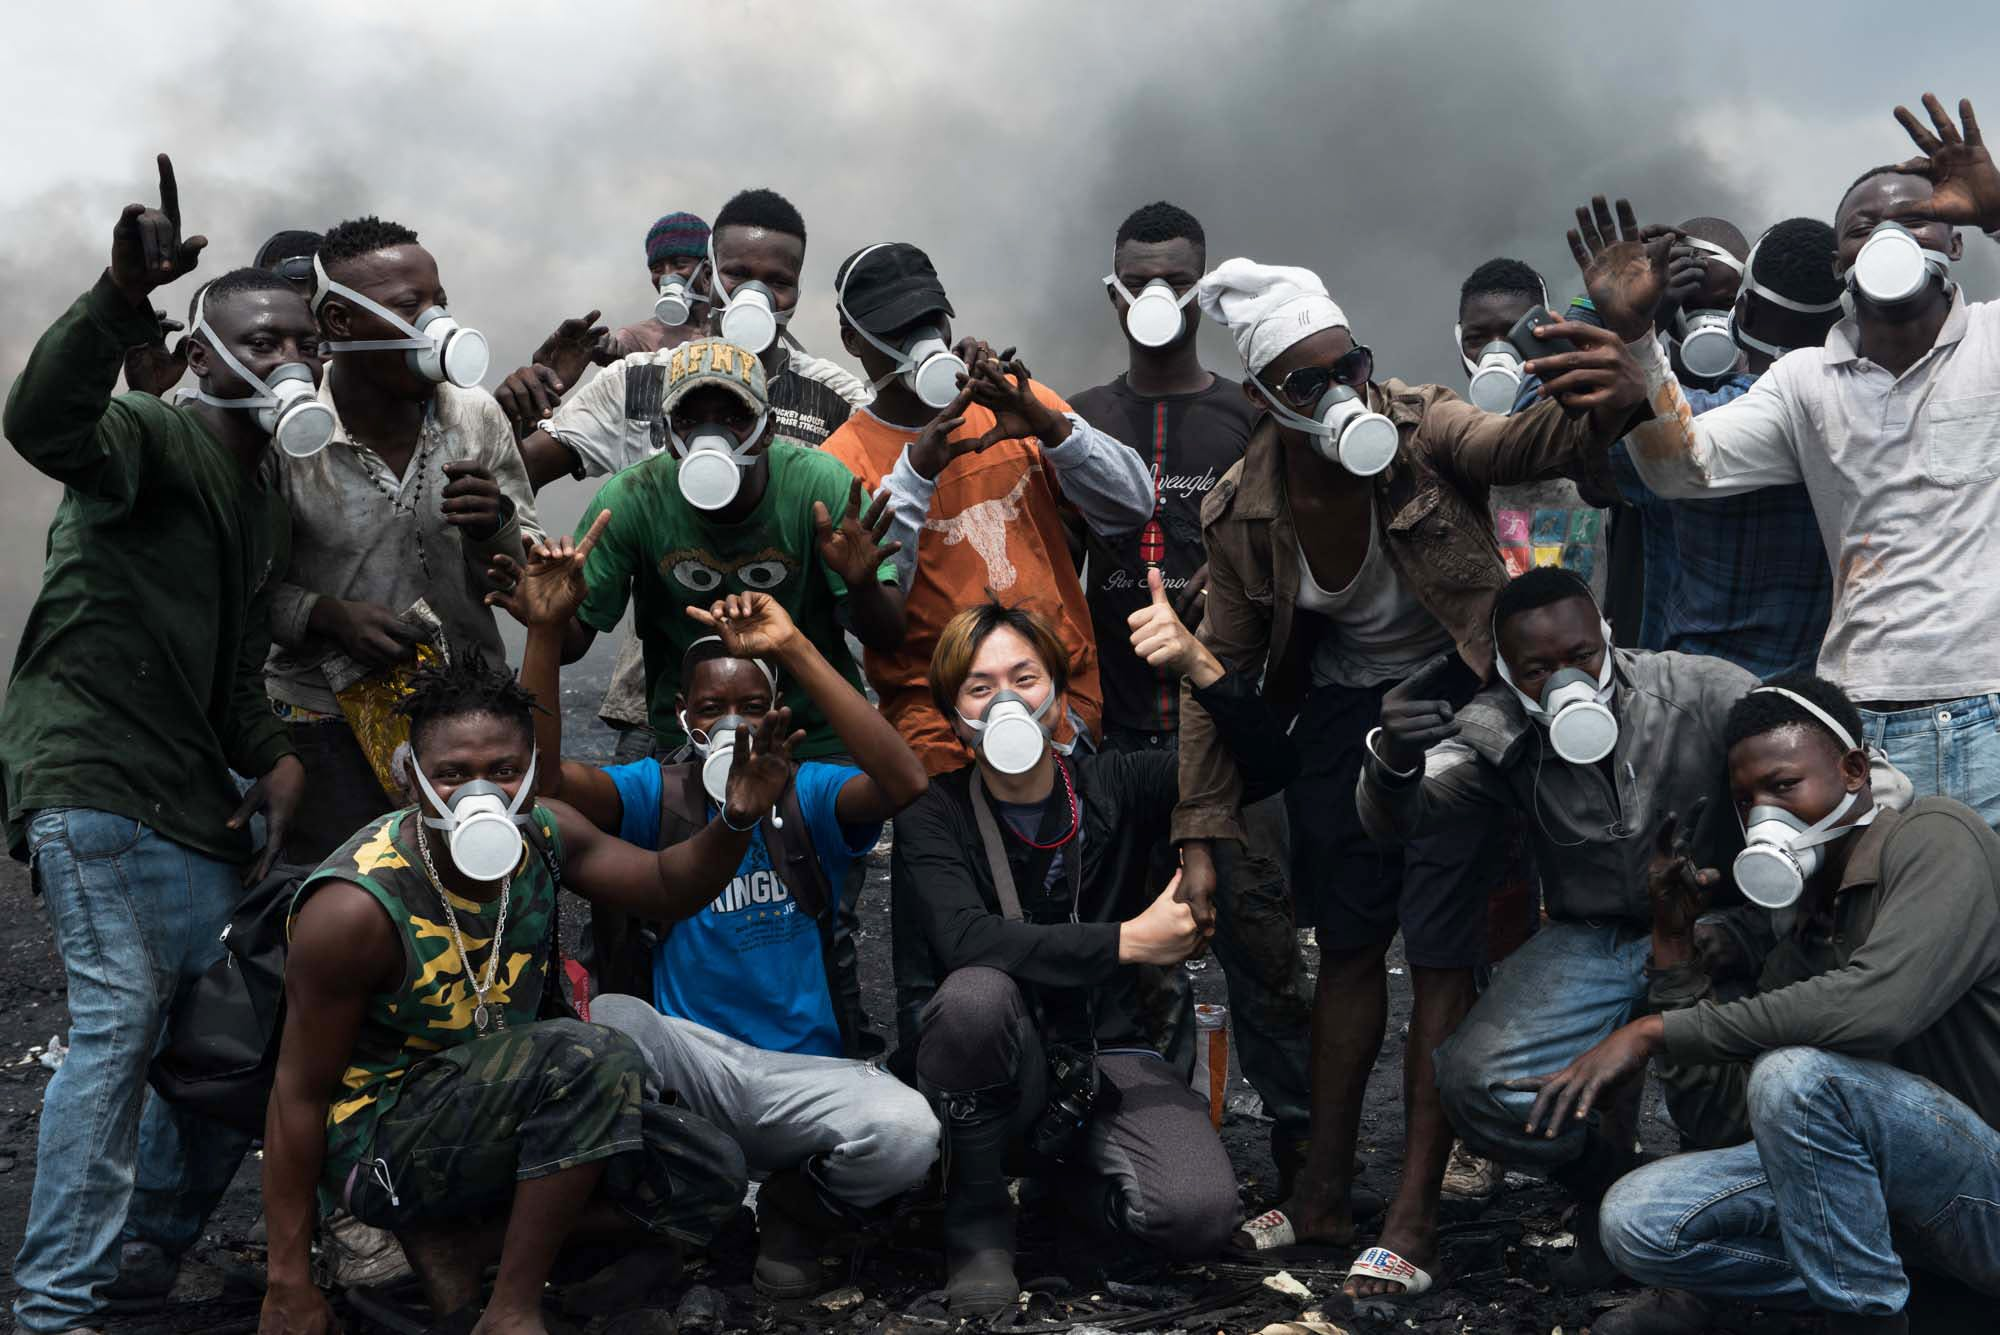 日本から持参したガスマスクを付けた仲間たちと